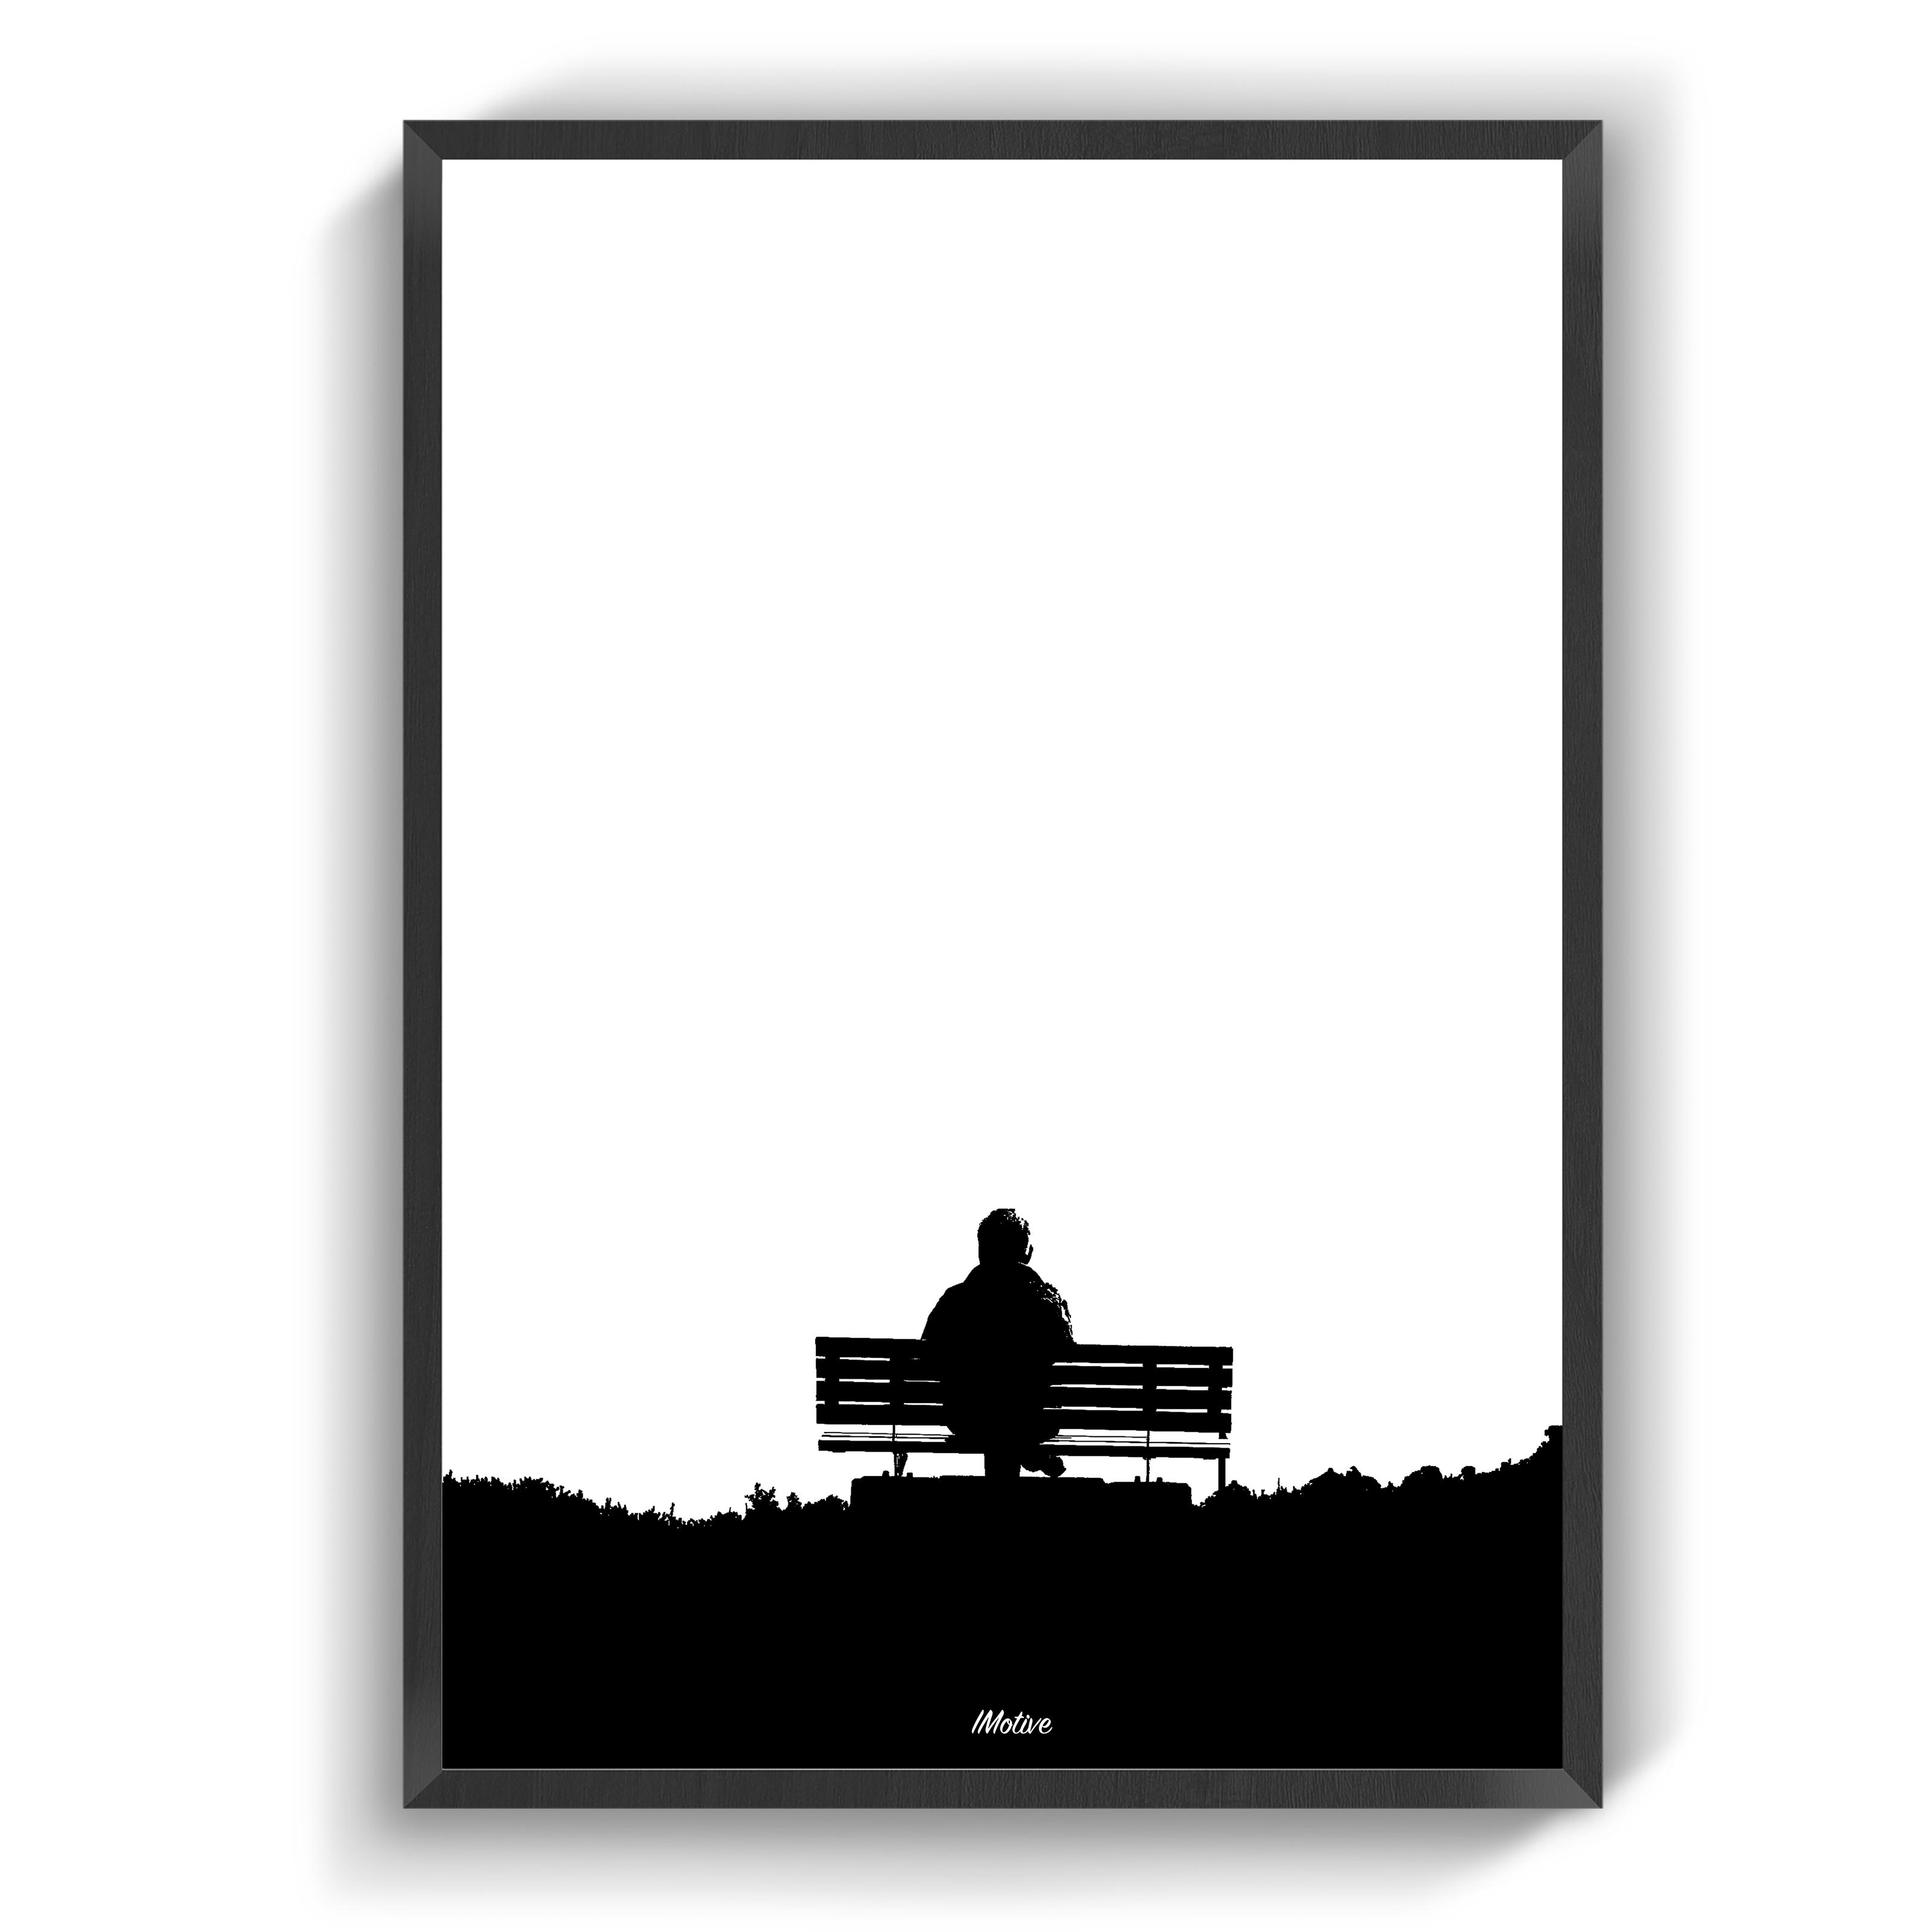 Den Enlige Baenk Fotokunst Plakater Farver